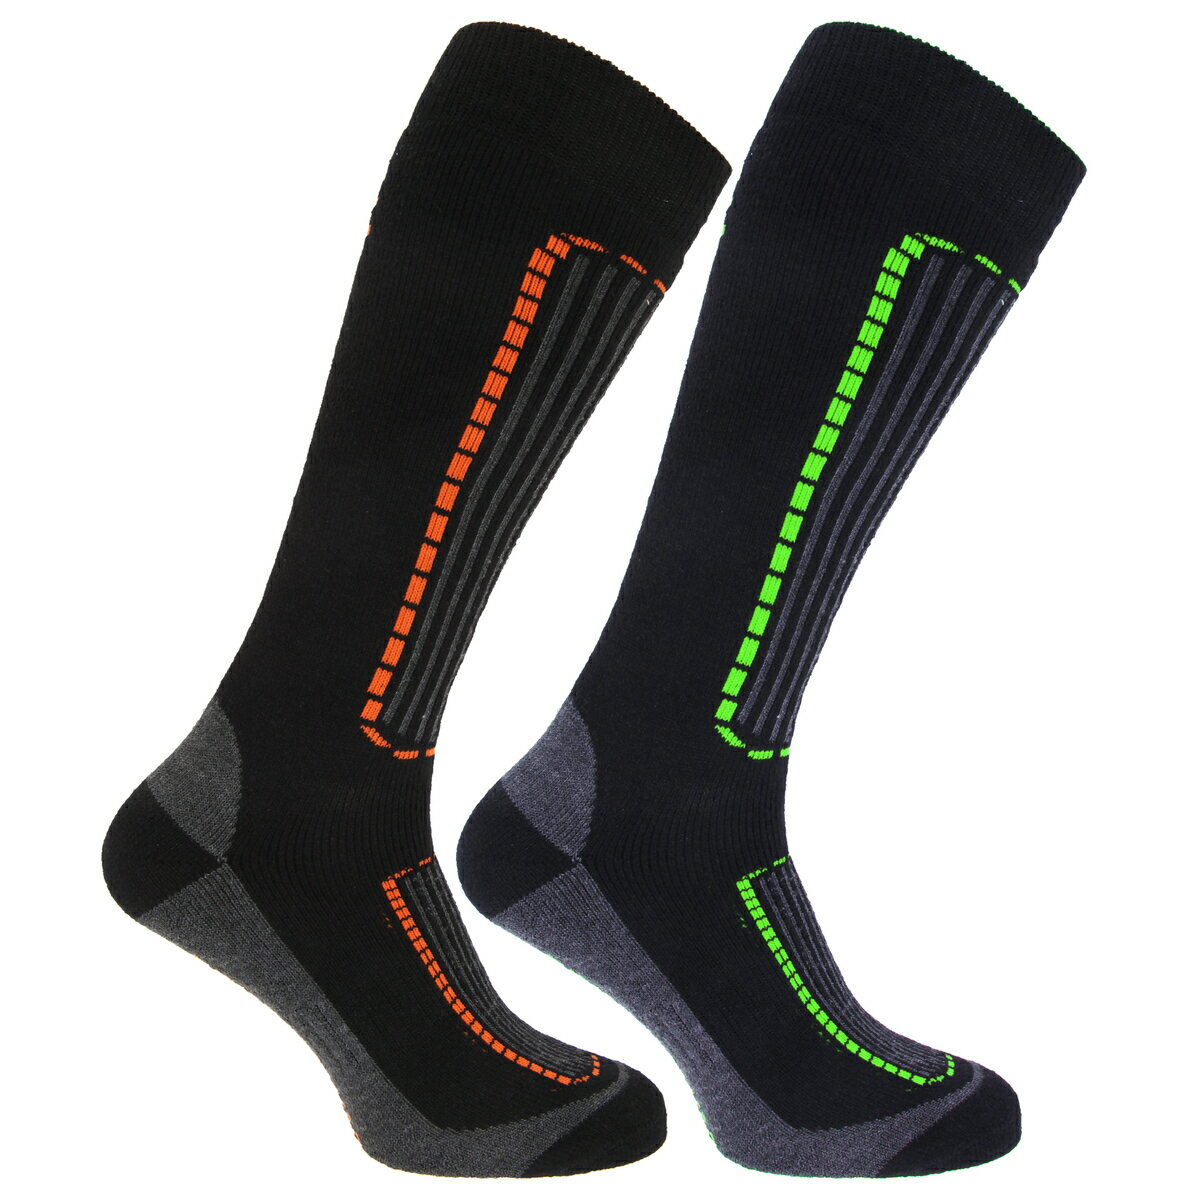 (フロソ) FLOSO メンズ スキーソックス 紳士靴下 スポーツソックス 防寒ソックス 靴下セット (2足組) ウィンタースポーツ 男性用 【楽天海外直送】